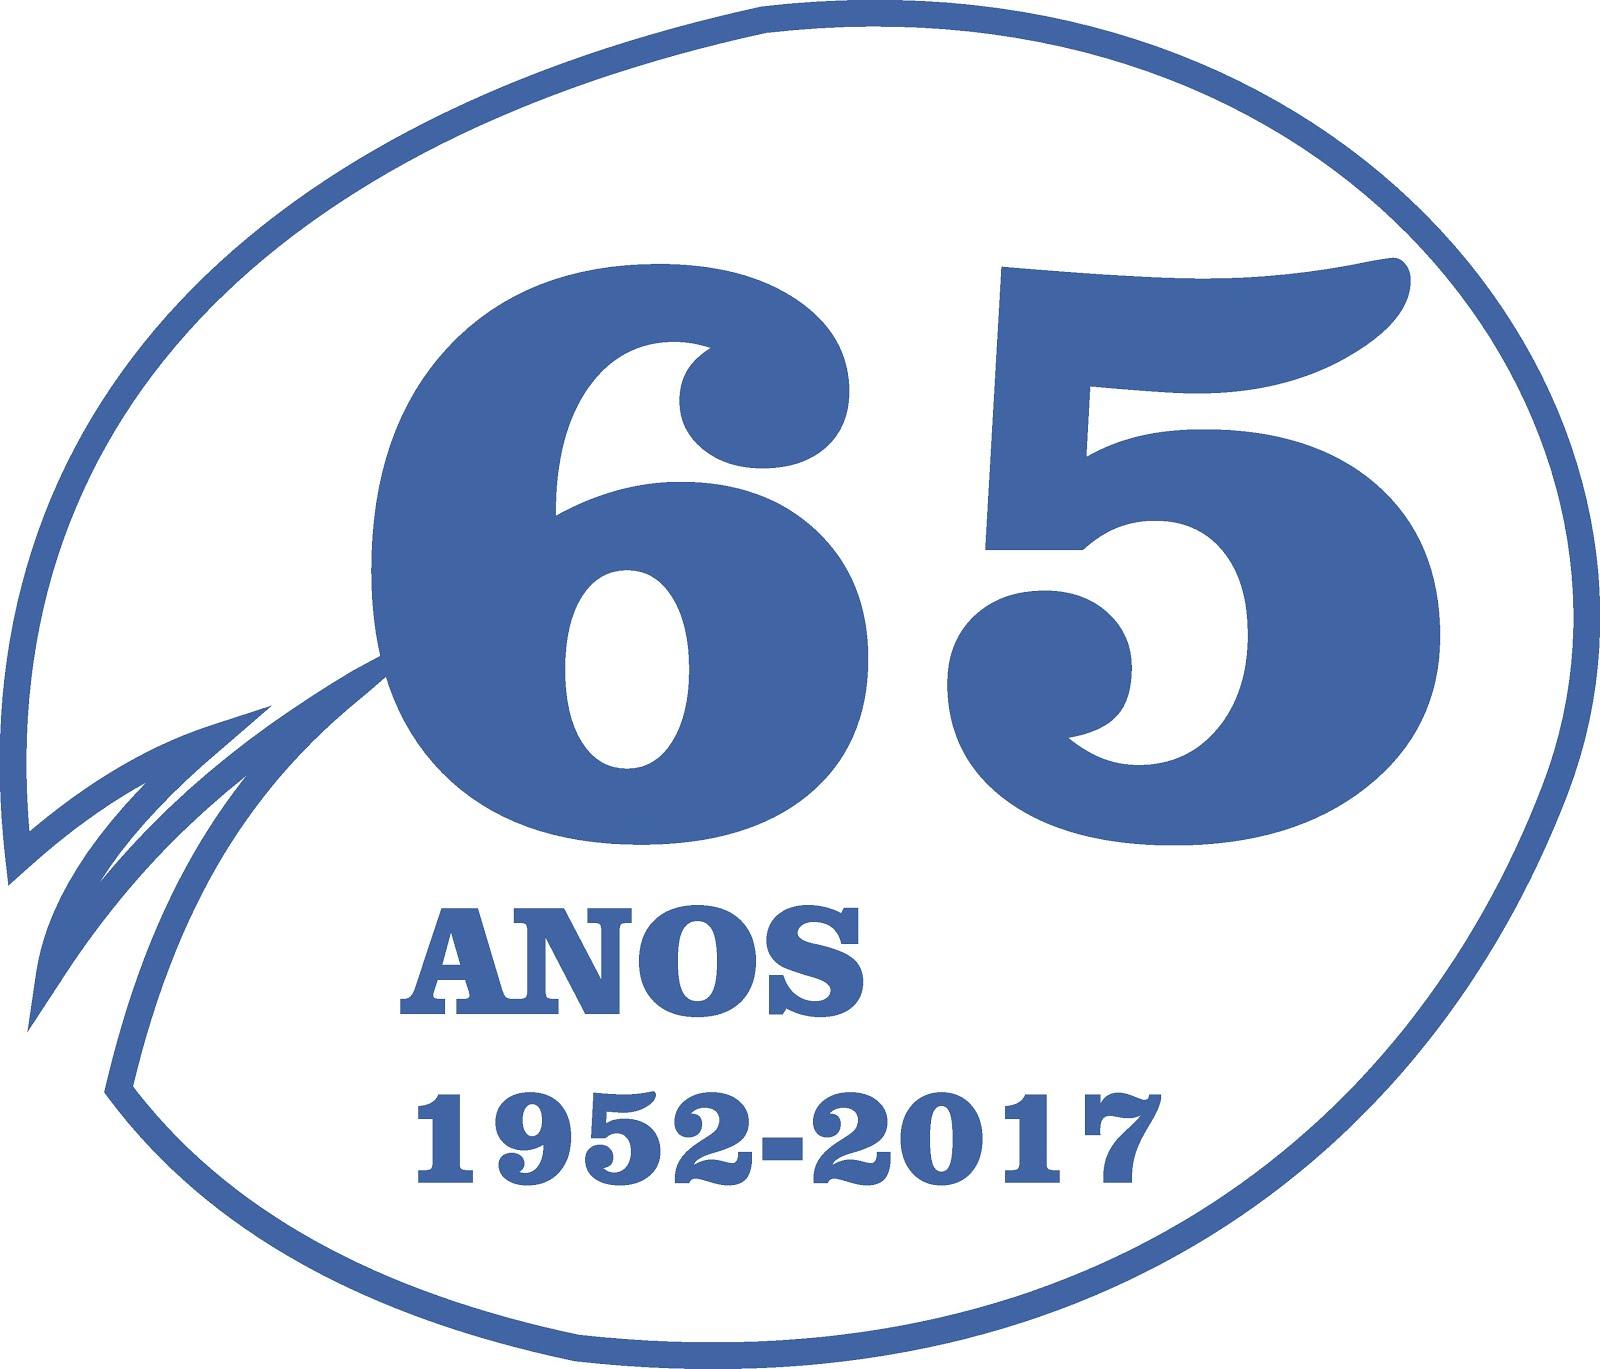 LOGOTIPO 65 ANOS